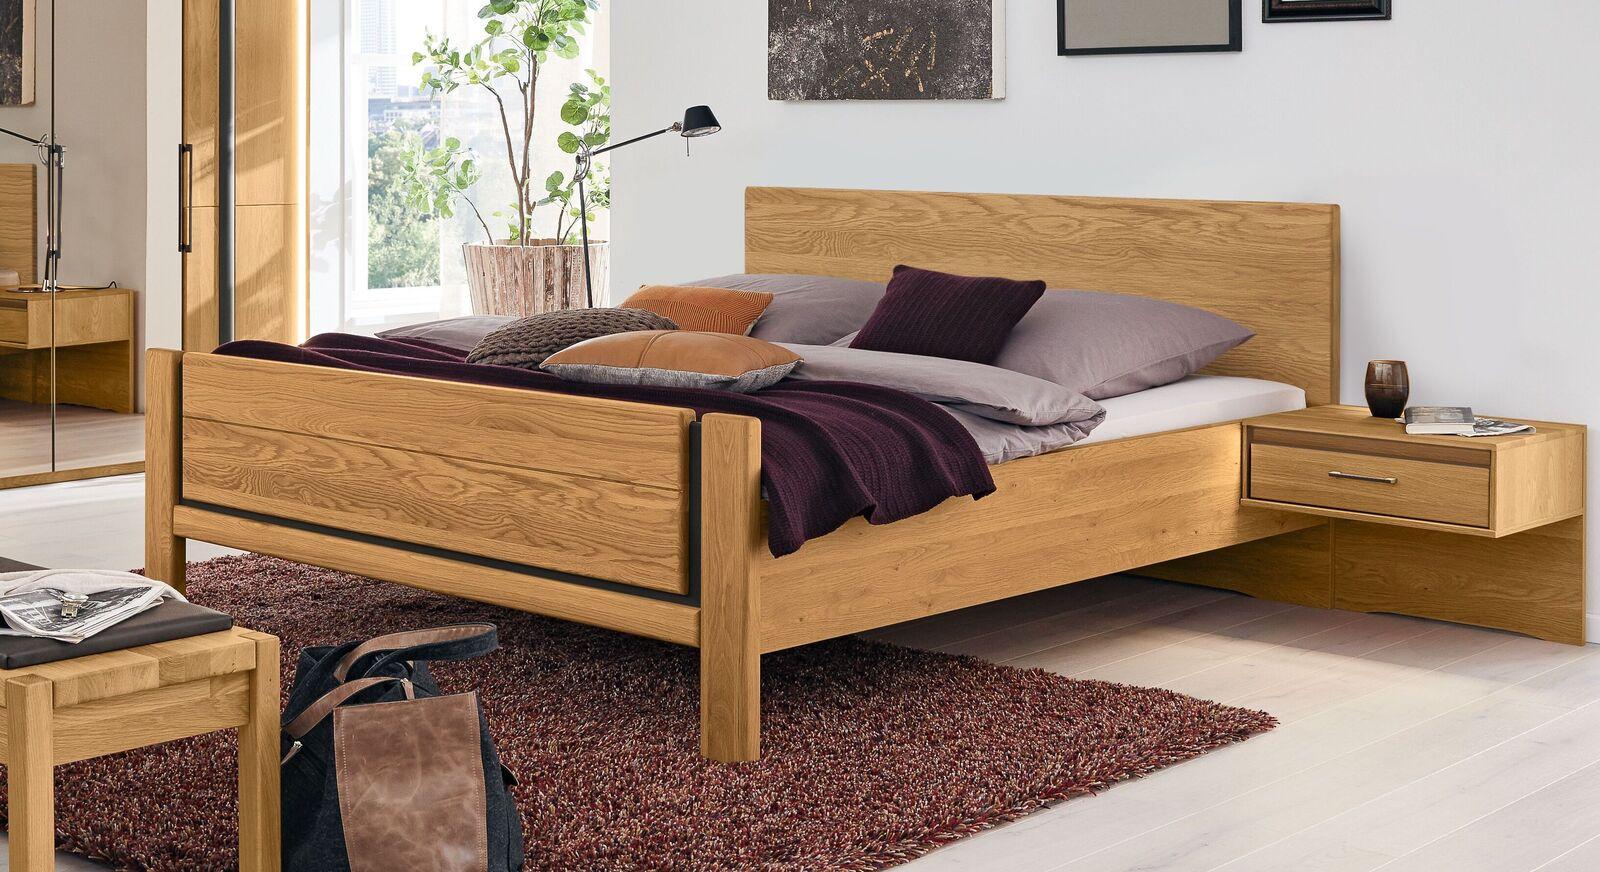 MUSTERRING Bett Sorrent inklusive Kopf- und Fußteil